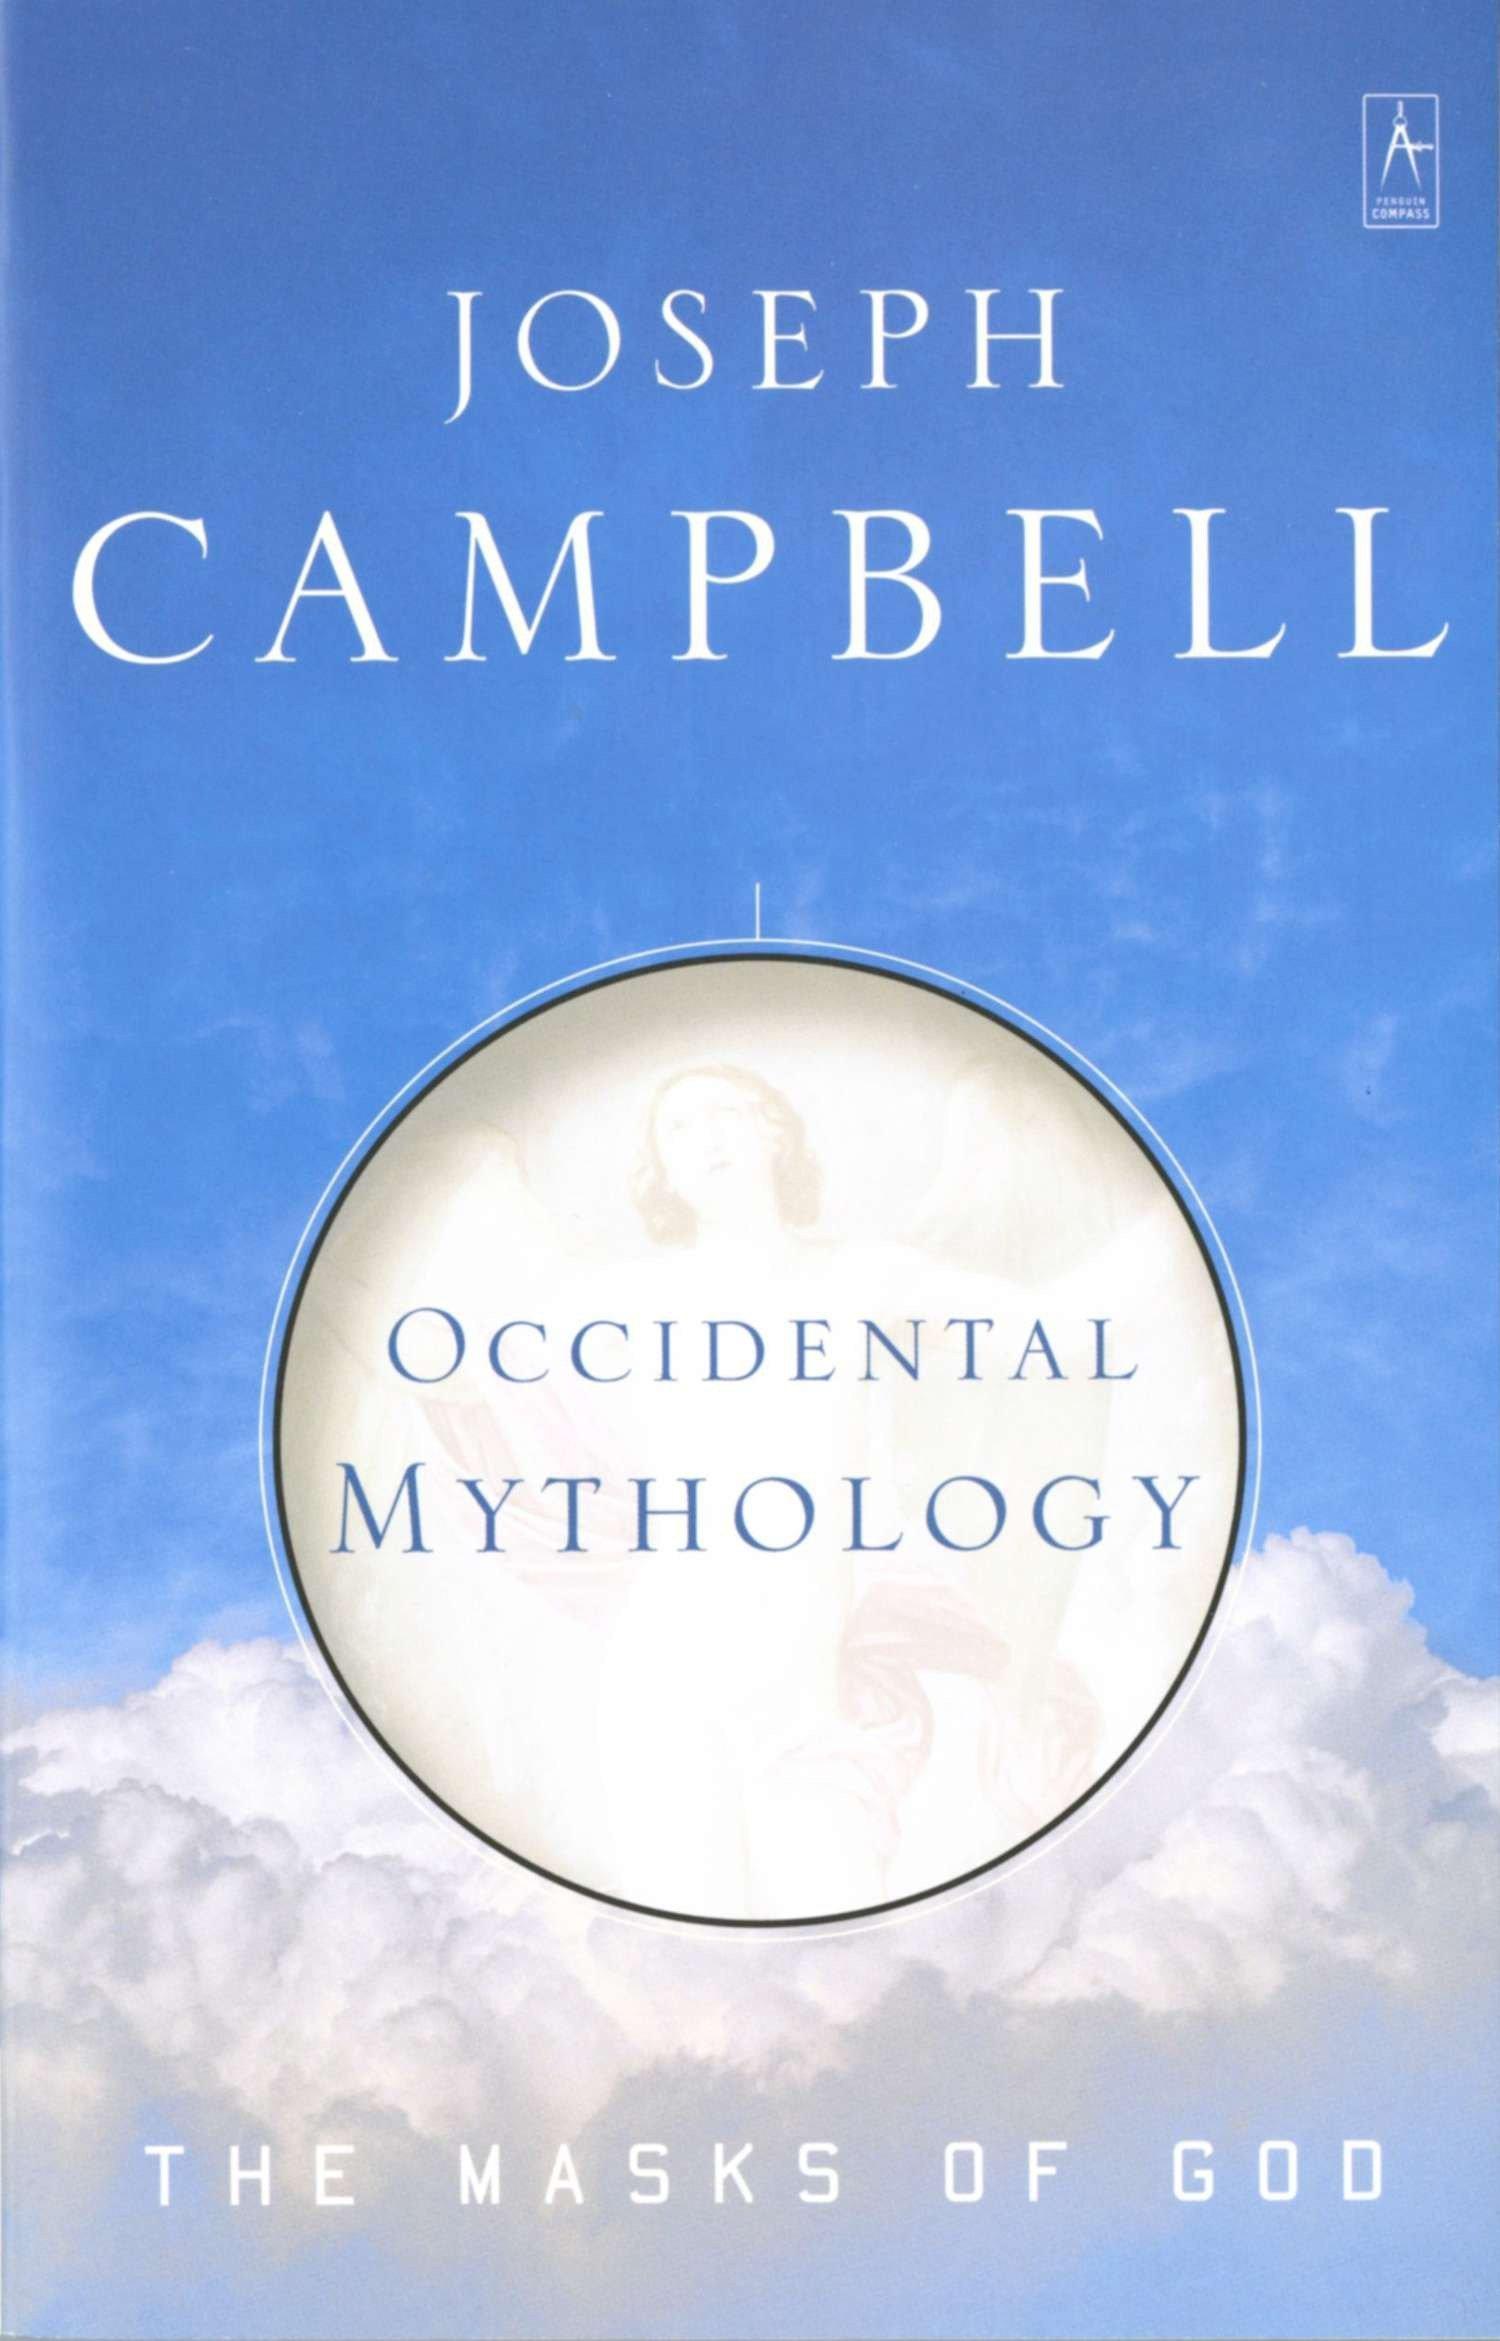 Occidental Mythology (Masks of God): Joseph Campbell: 9780140194418:  Amazon.com: Books